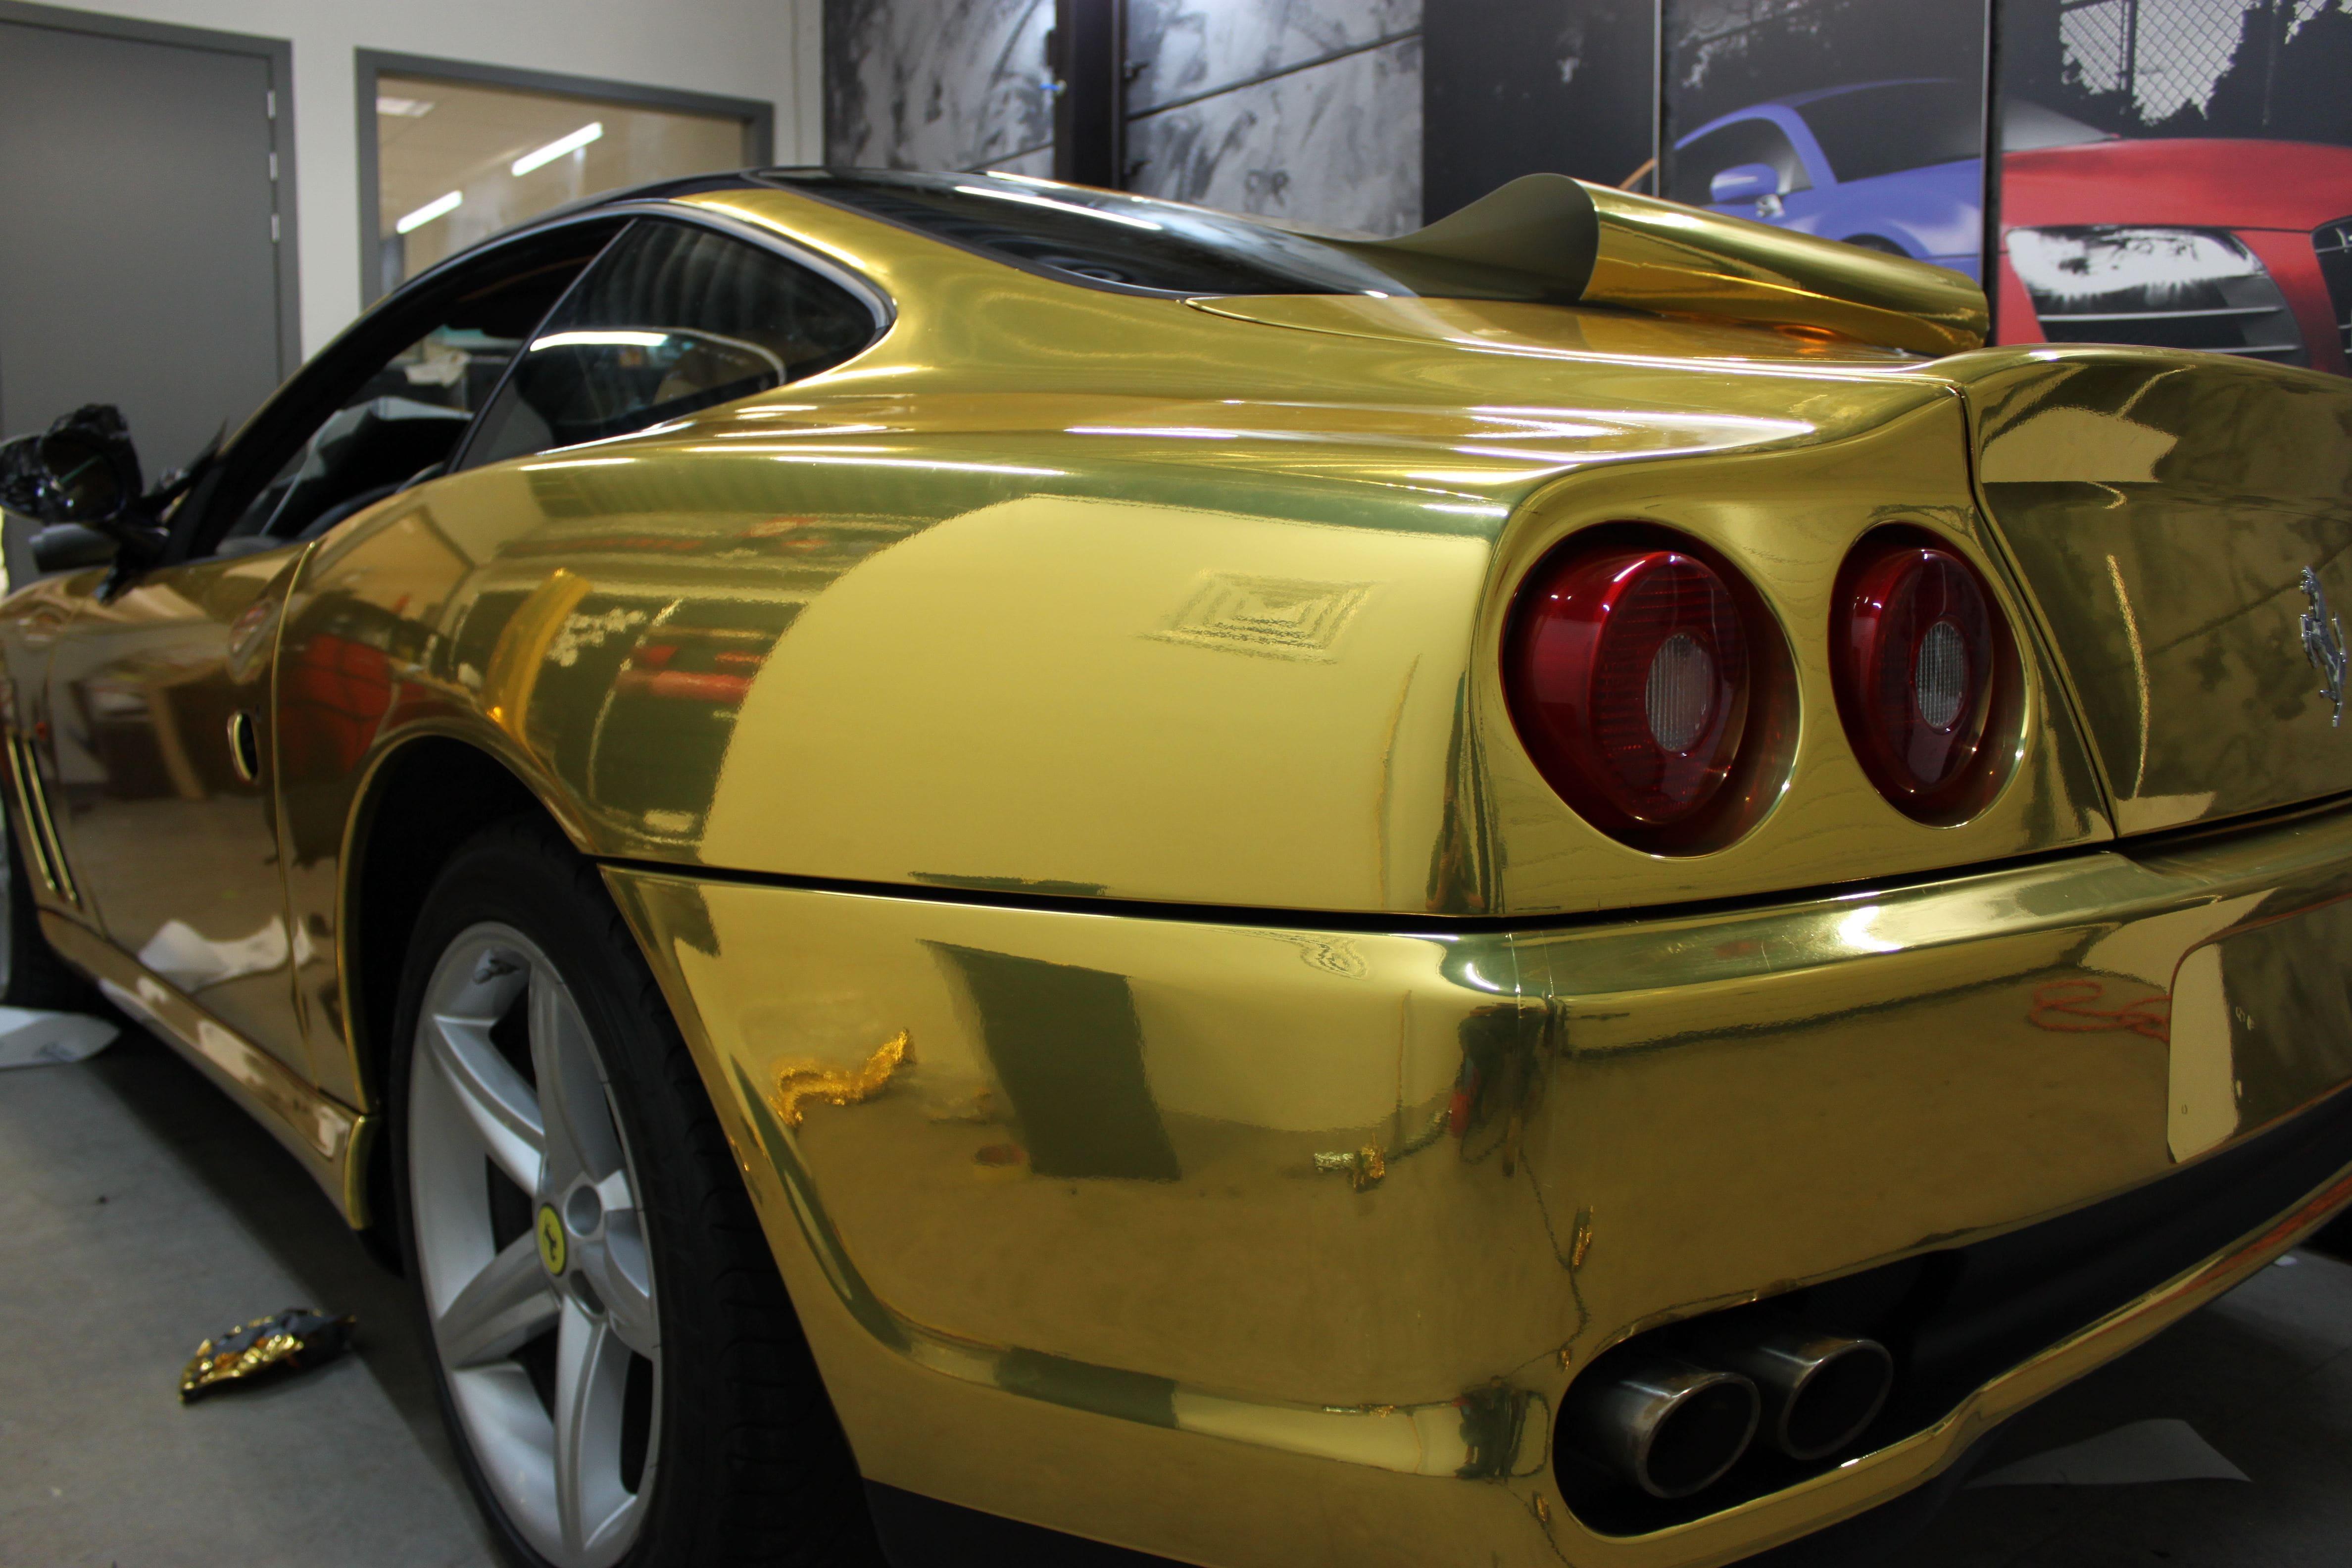 Ferrari 575 met Goud Chrome Wrap., Carwrapping door Wrapmyride.nu Foto-nr:5698, ©2021